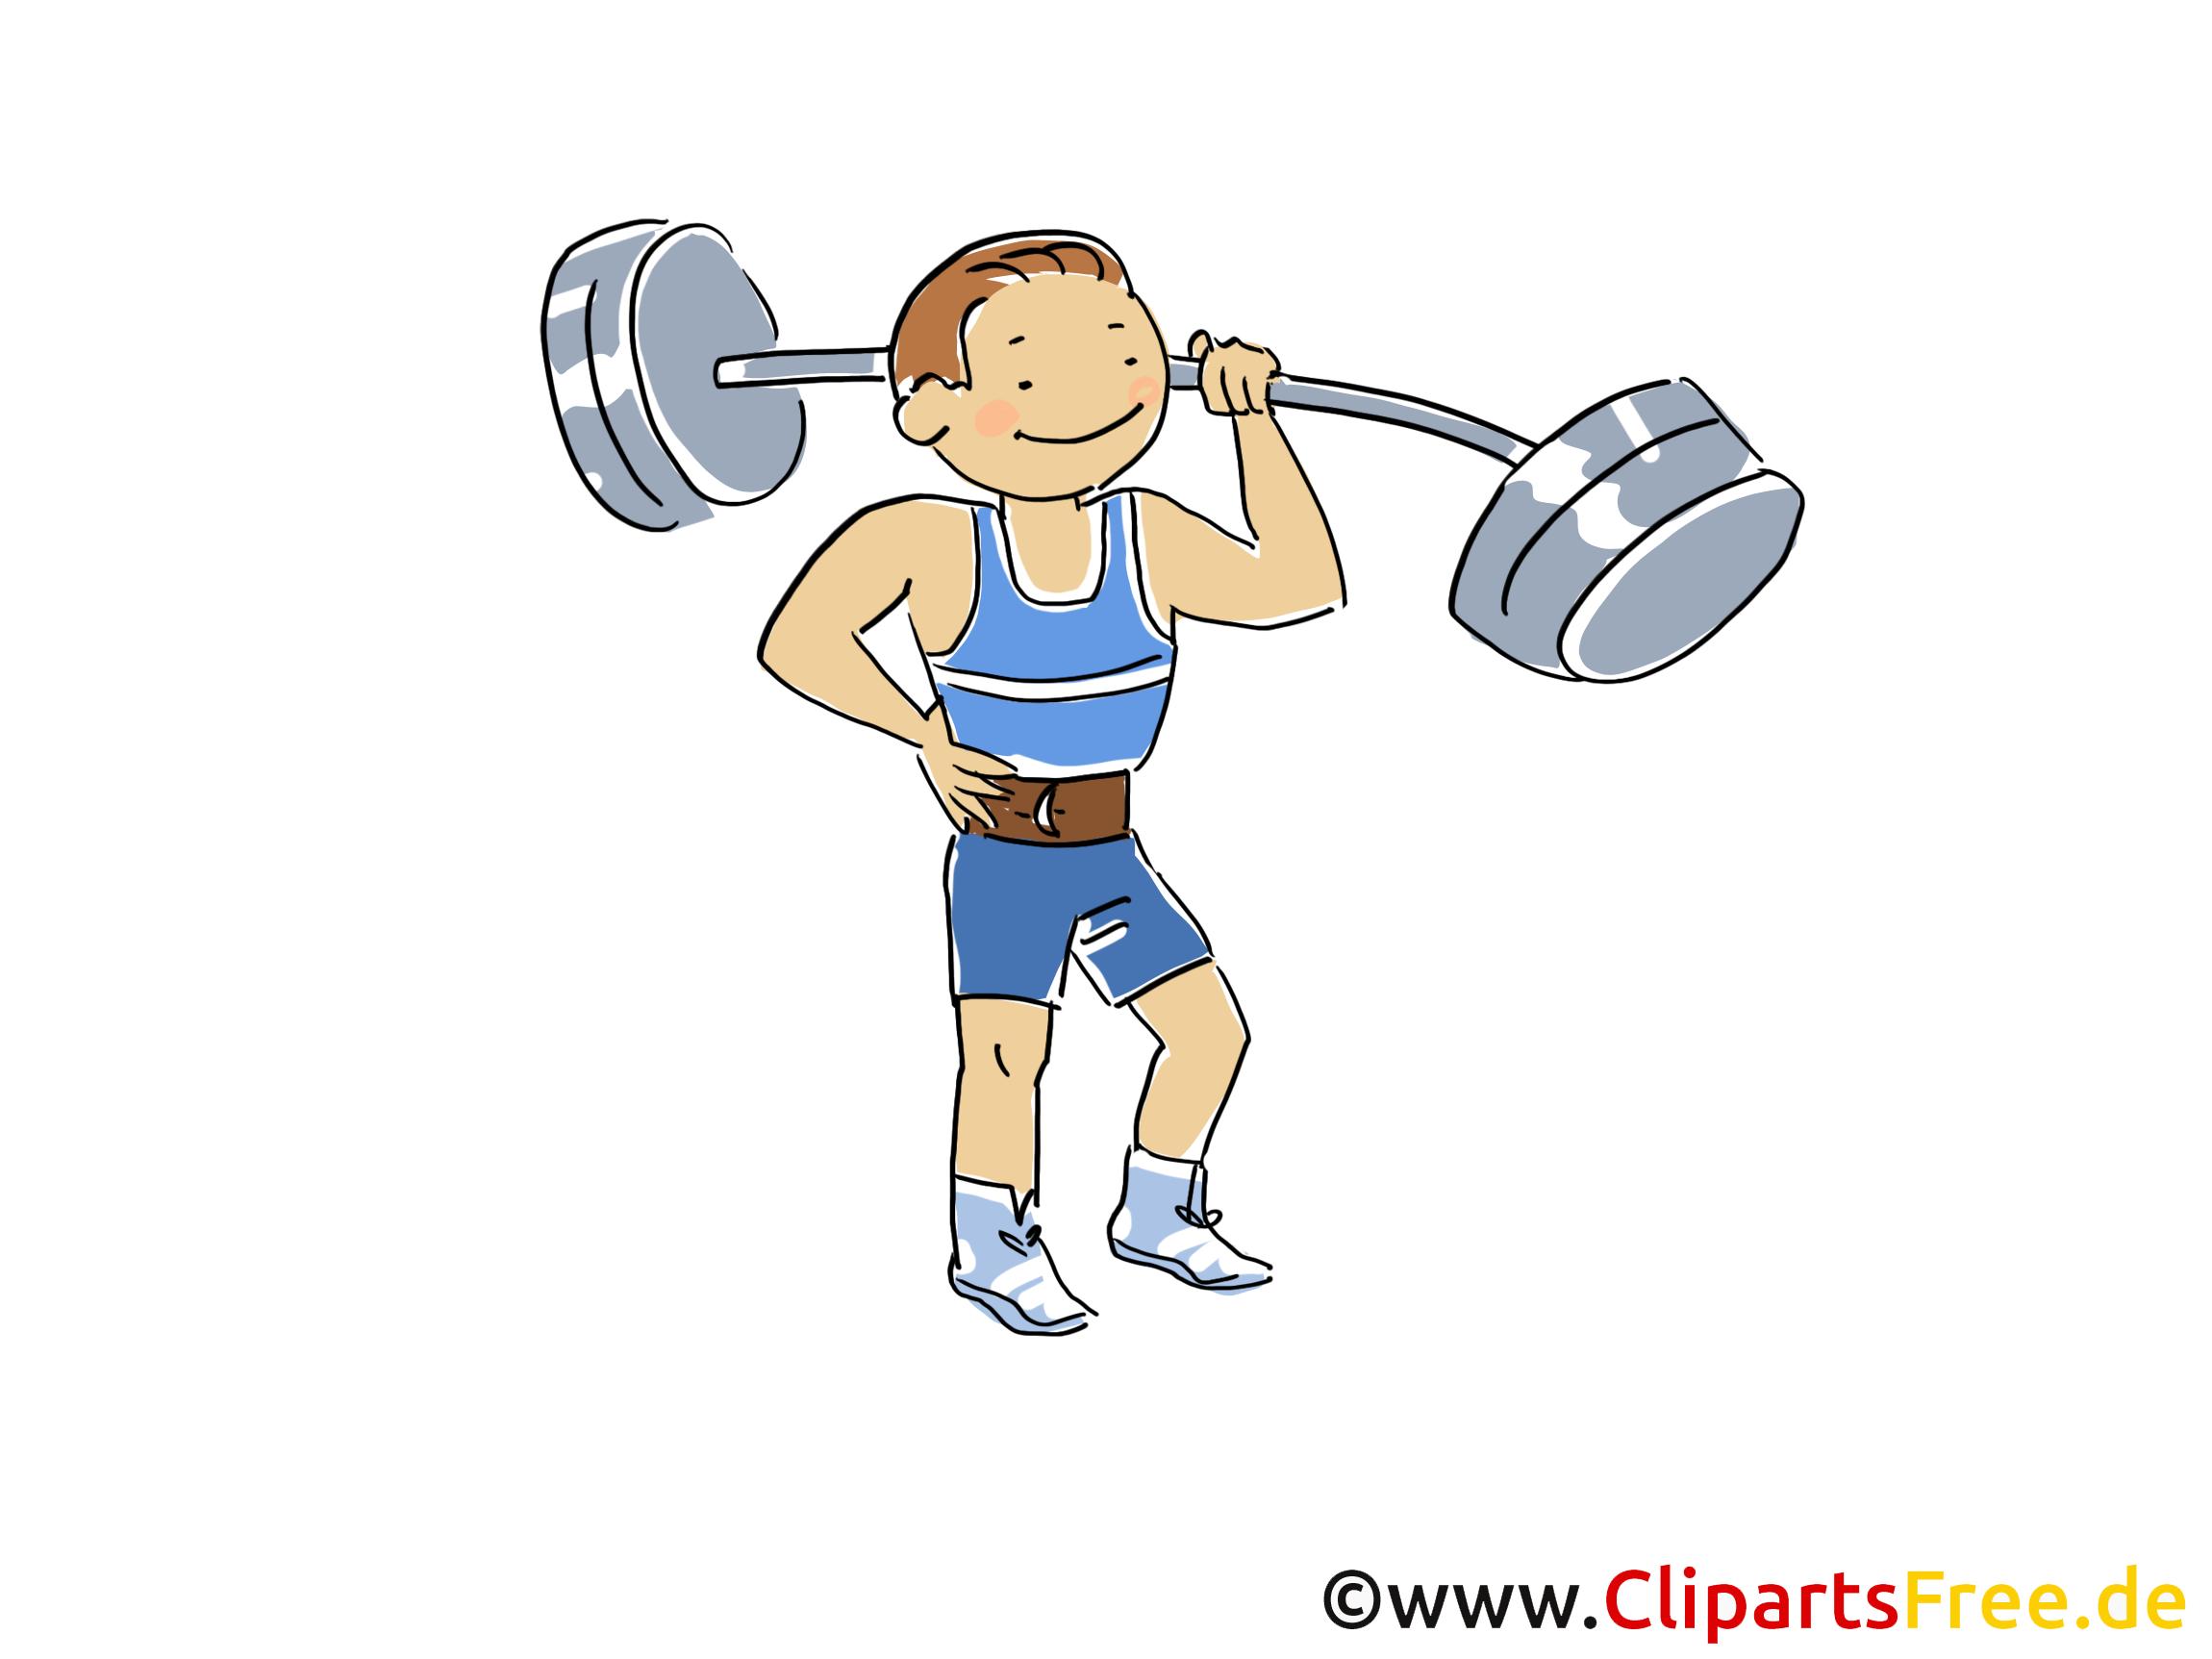 clipart gratuit sport course - photo #24